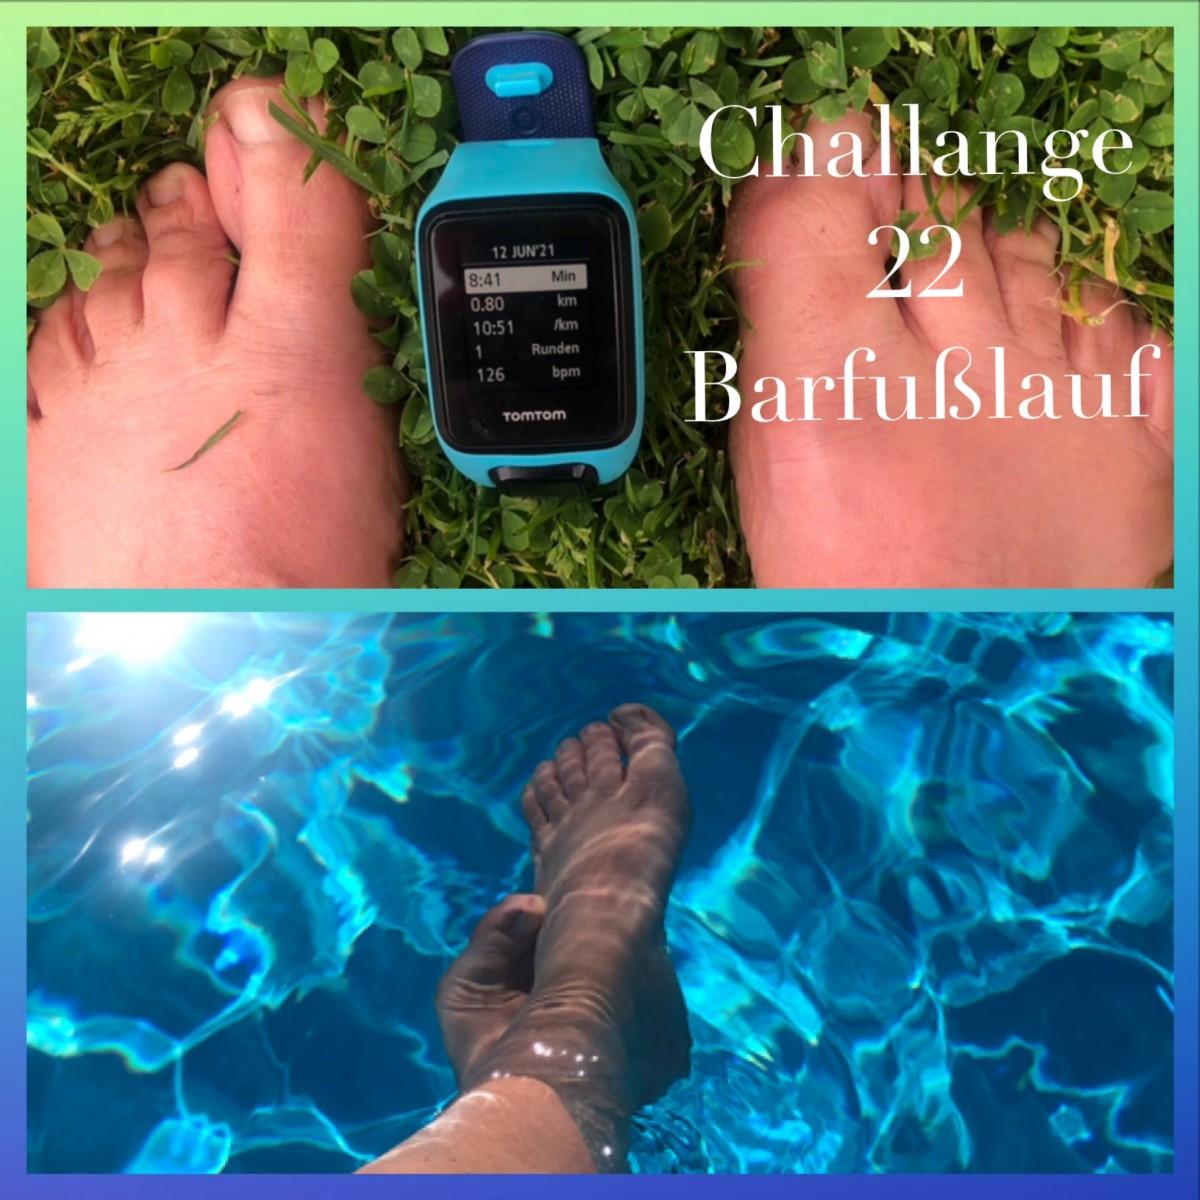 Neugebauer-Andrea-22-Challenge-Barfusslauf-0SrZH